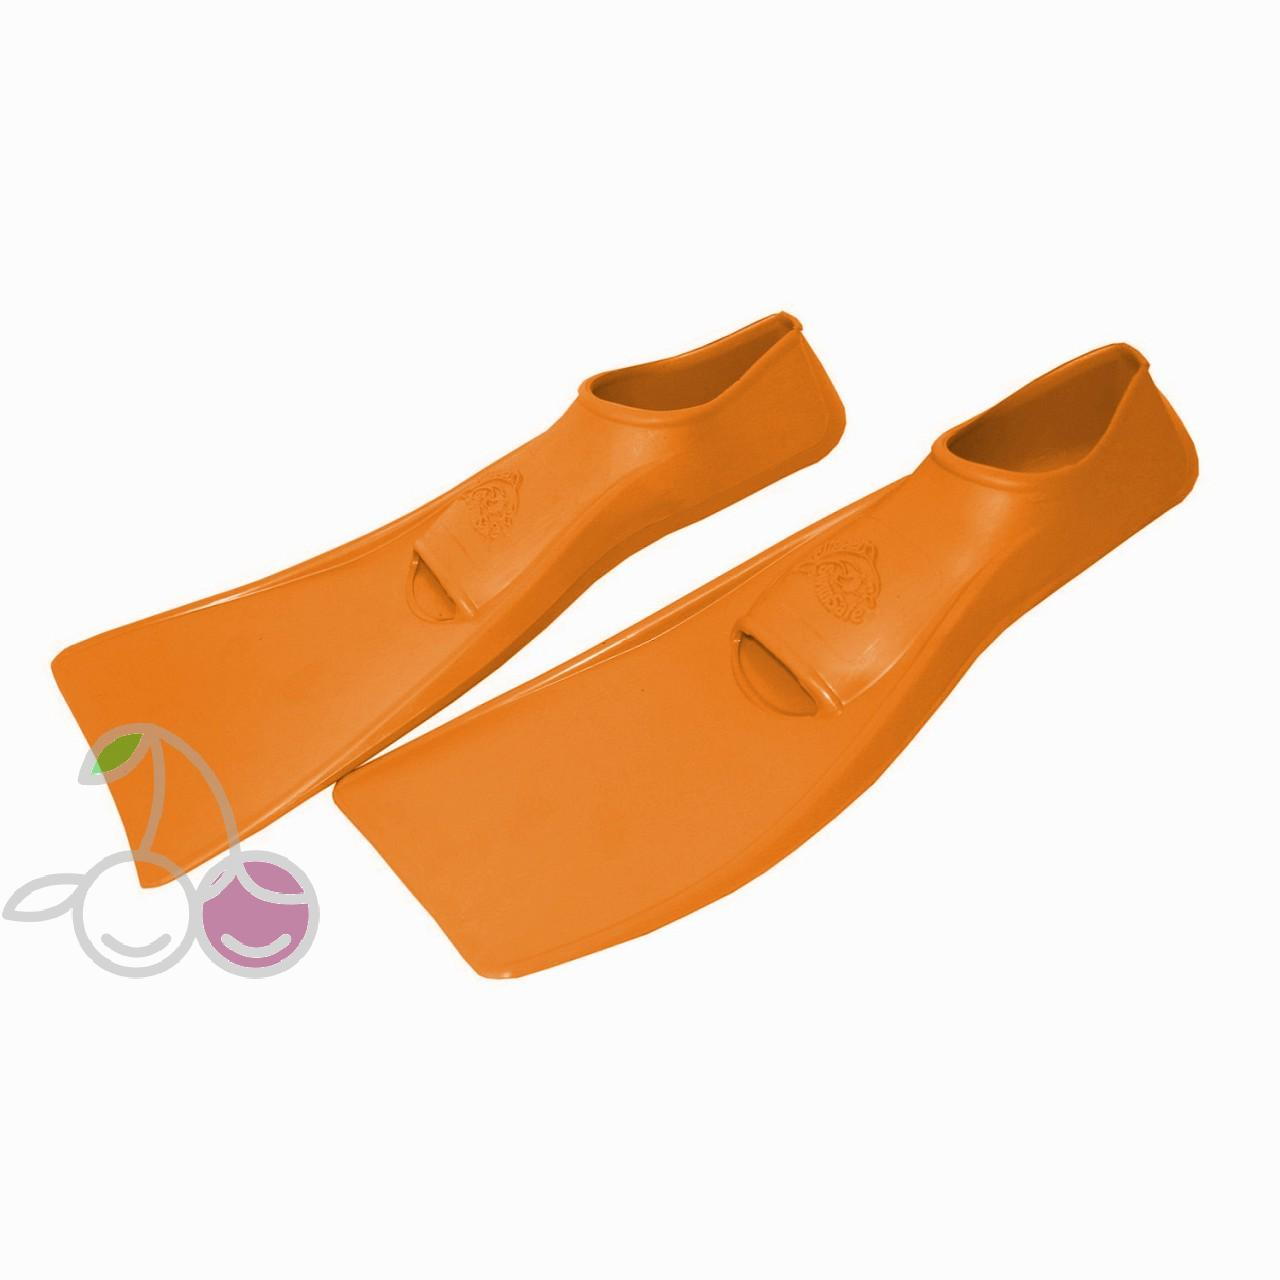 Ласты для бассейна резиновые детские размеры 24-26 оранжевые СВИМСЕЙФ (SwimSafe) Германия, - фото 2